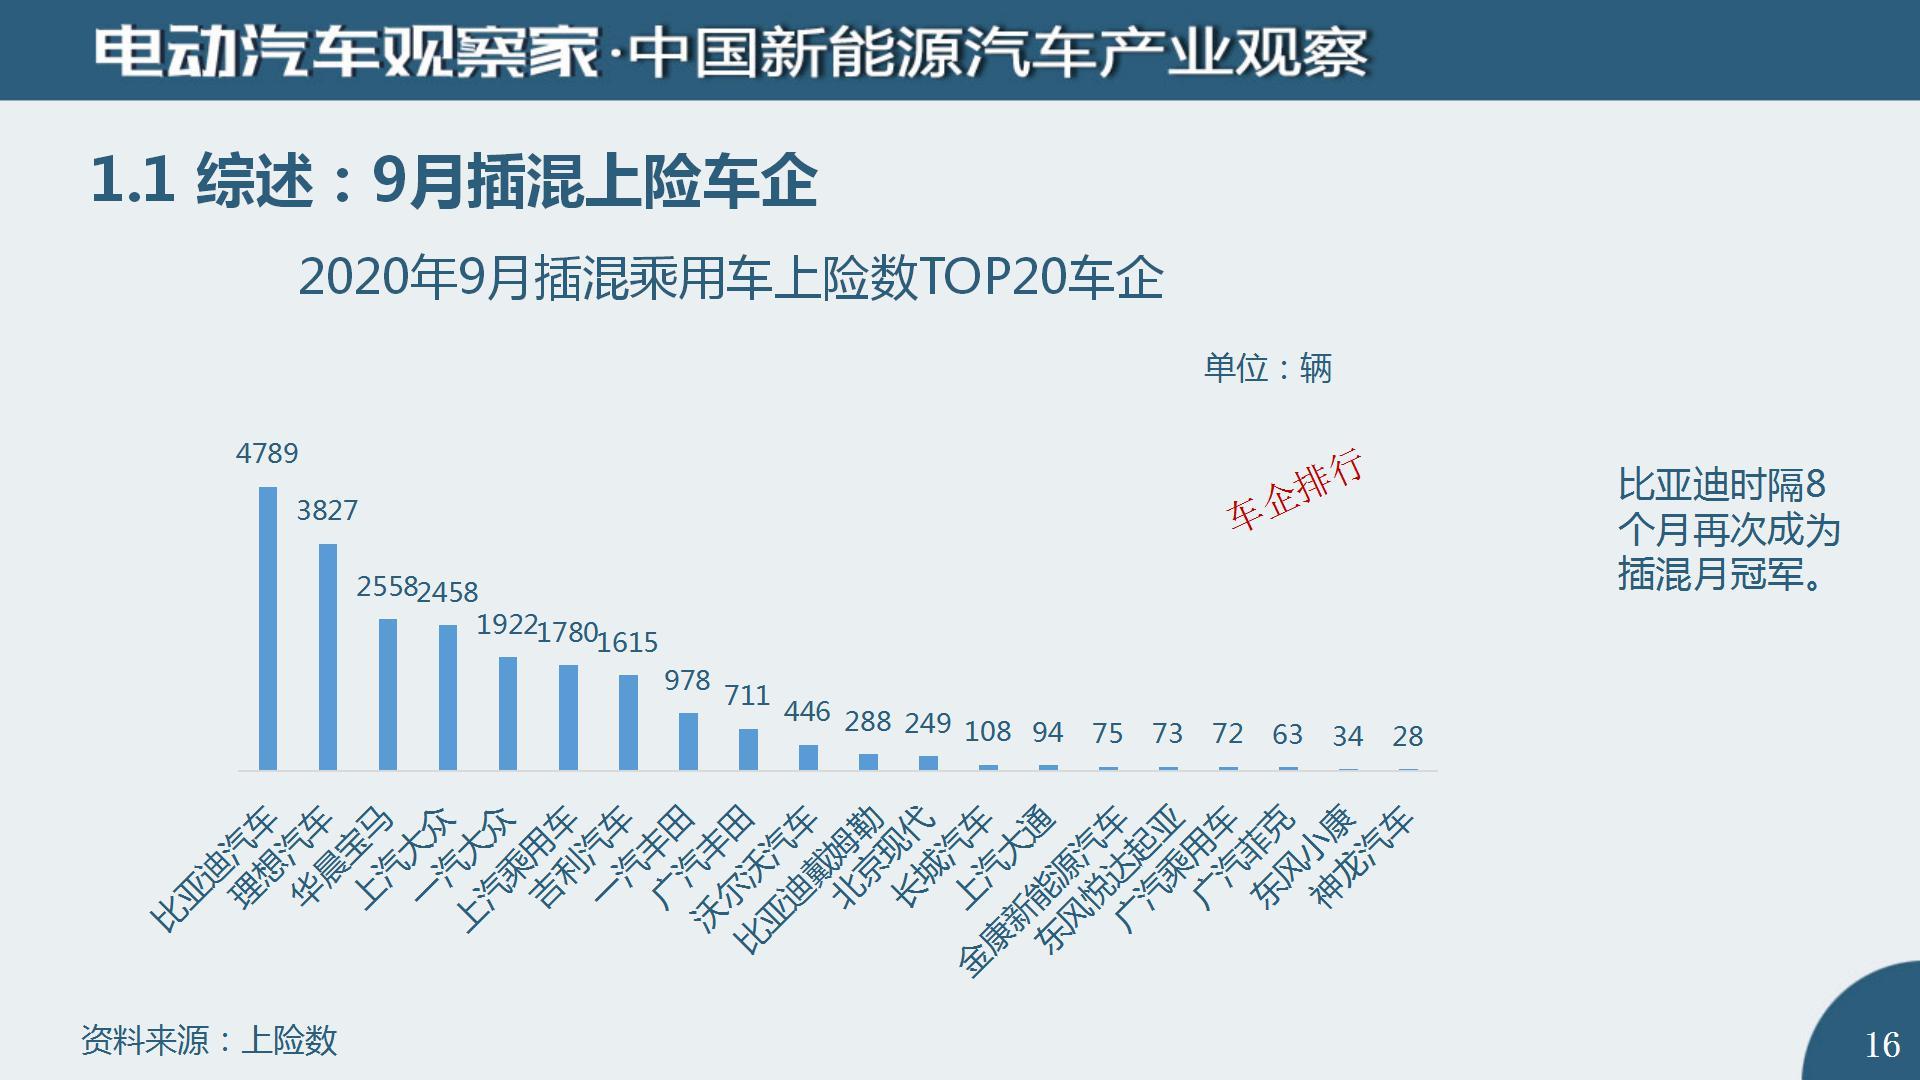 中国新能源汽车产业观察2020年9月(2)_16